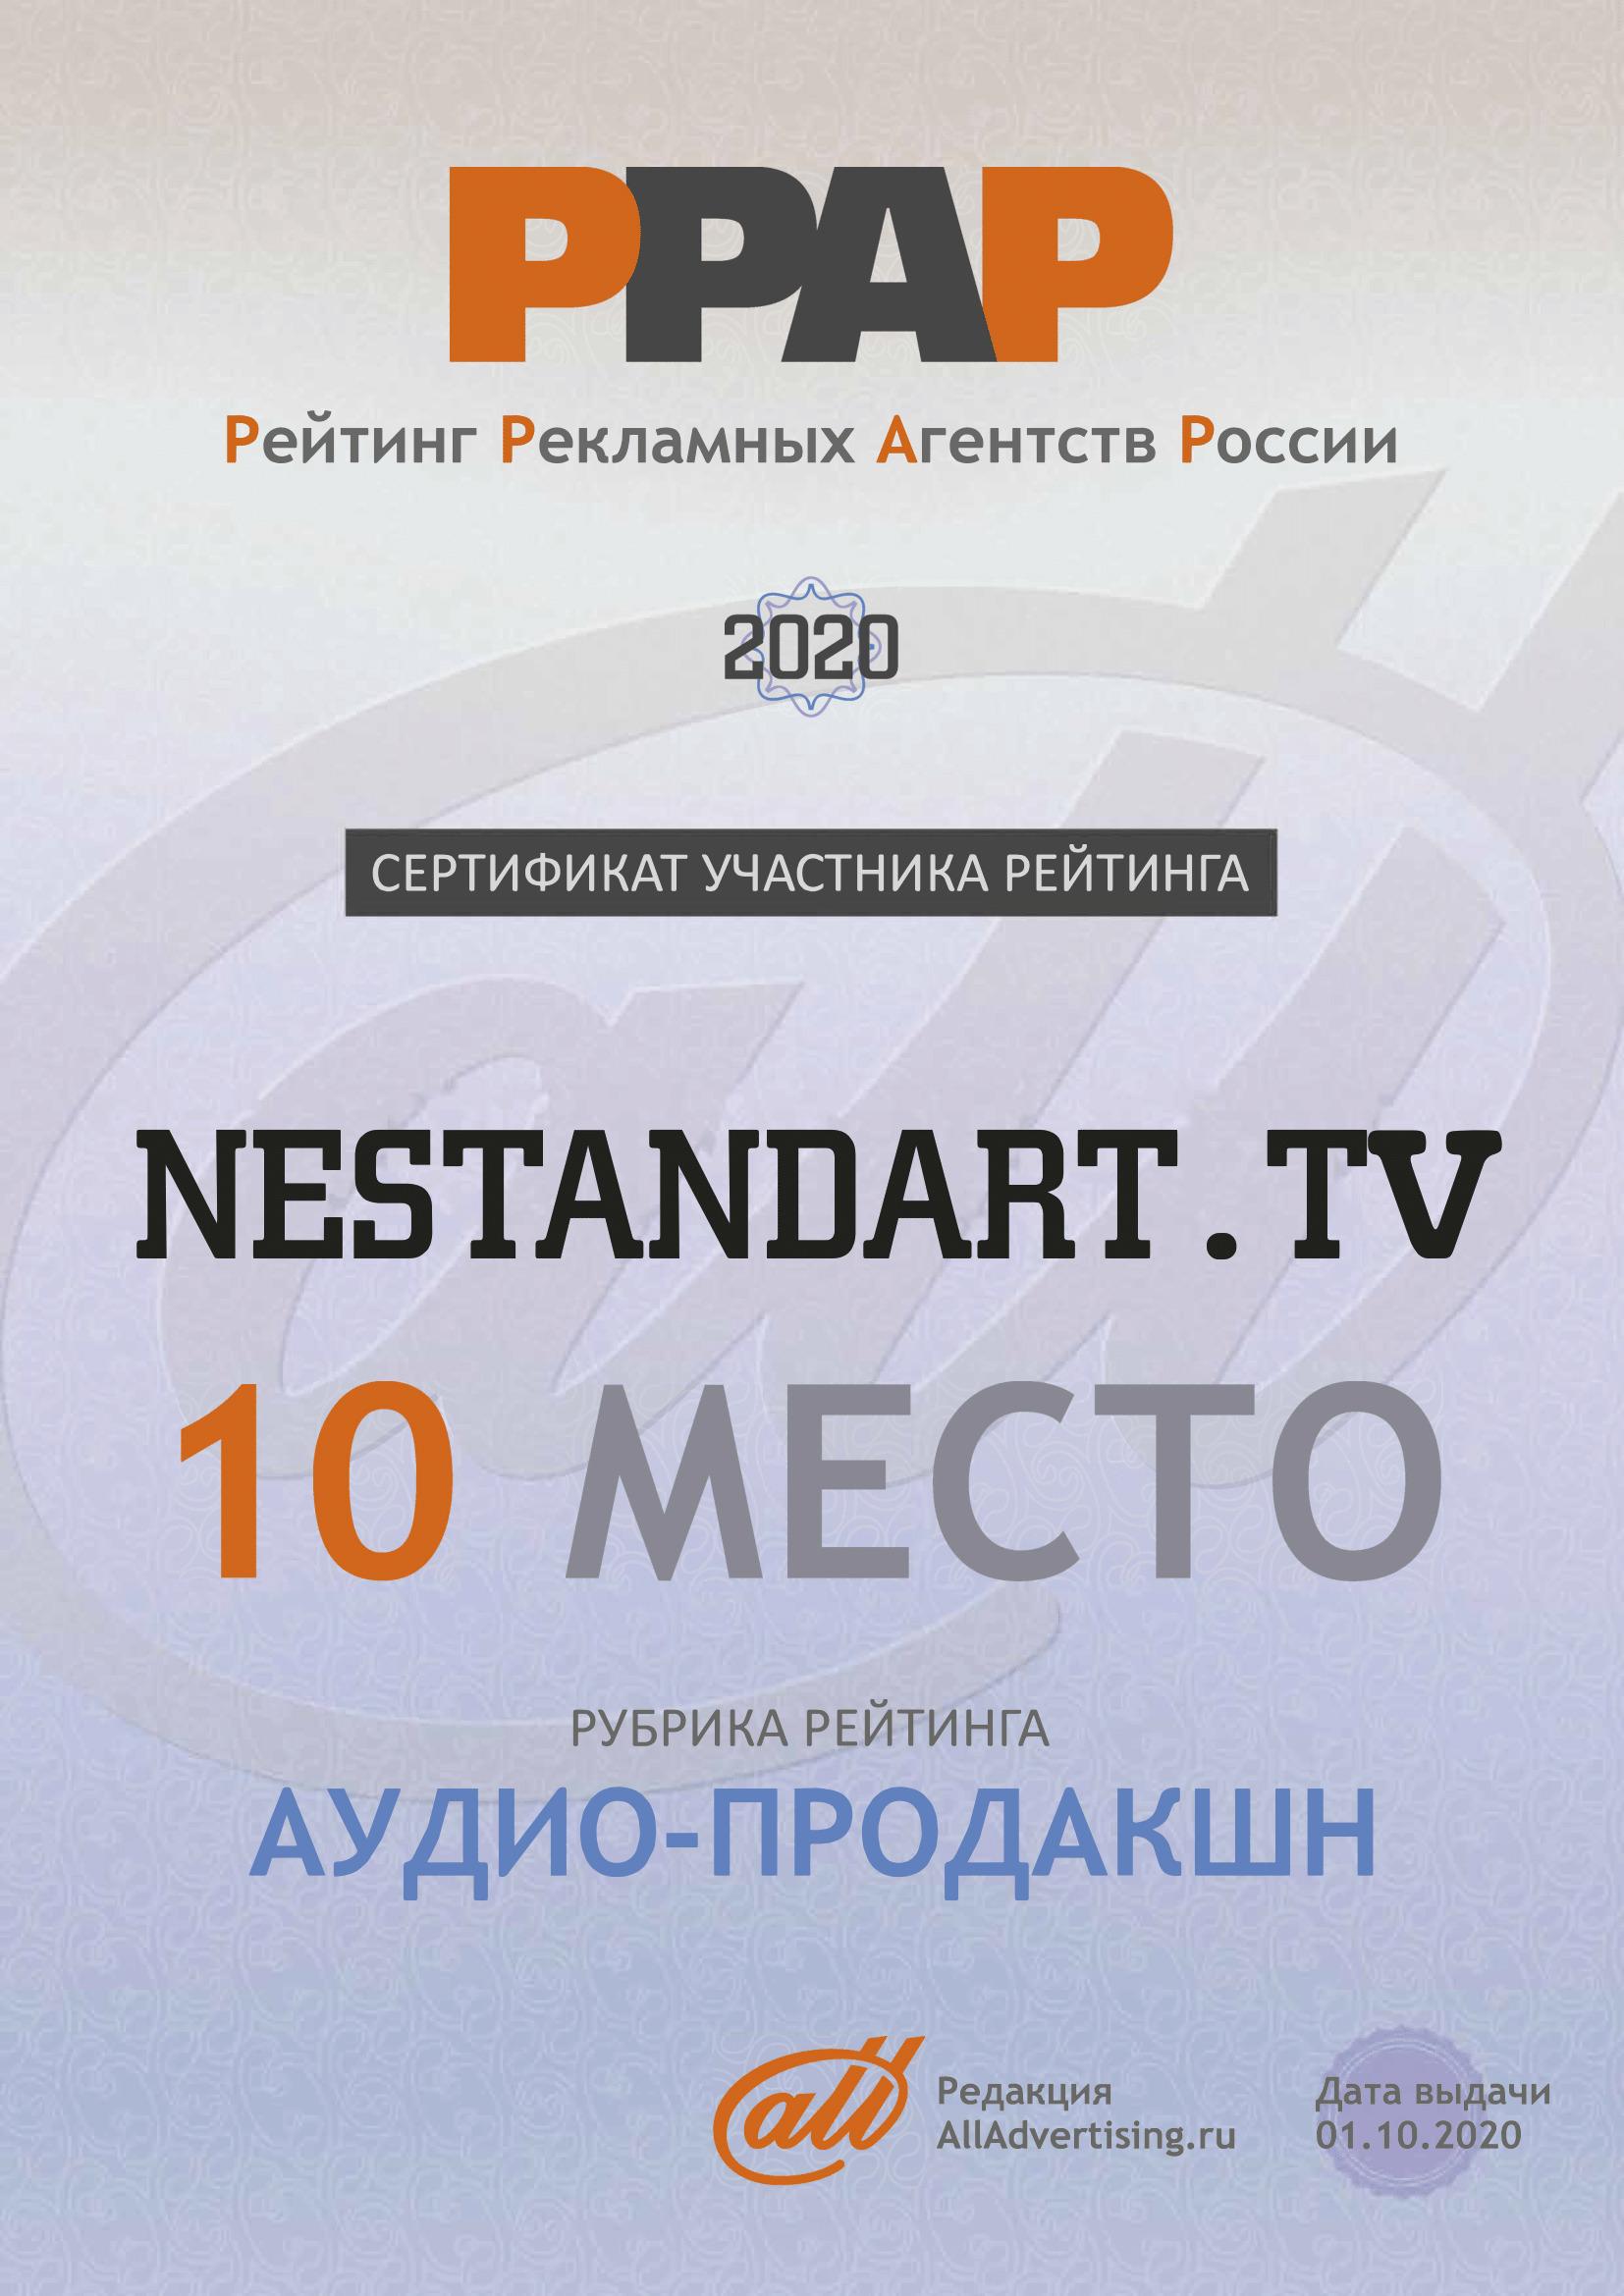 Nestandart.tv в топ-10 России